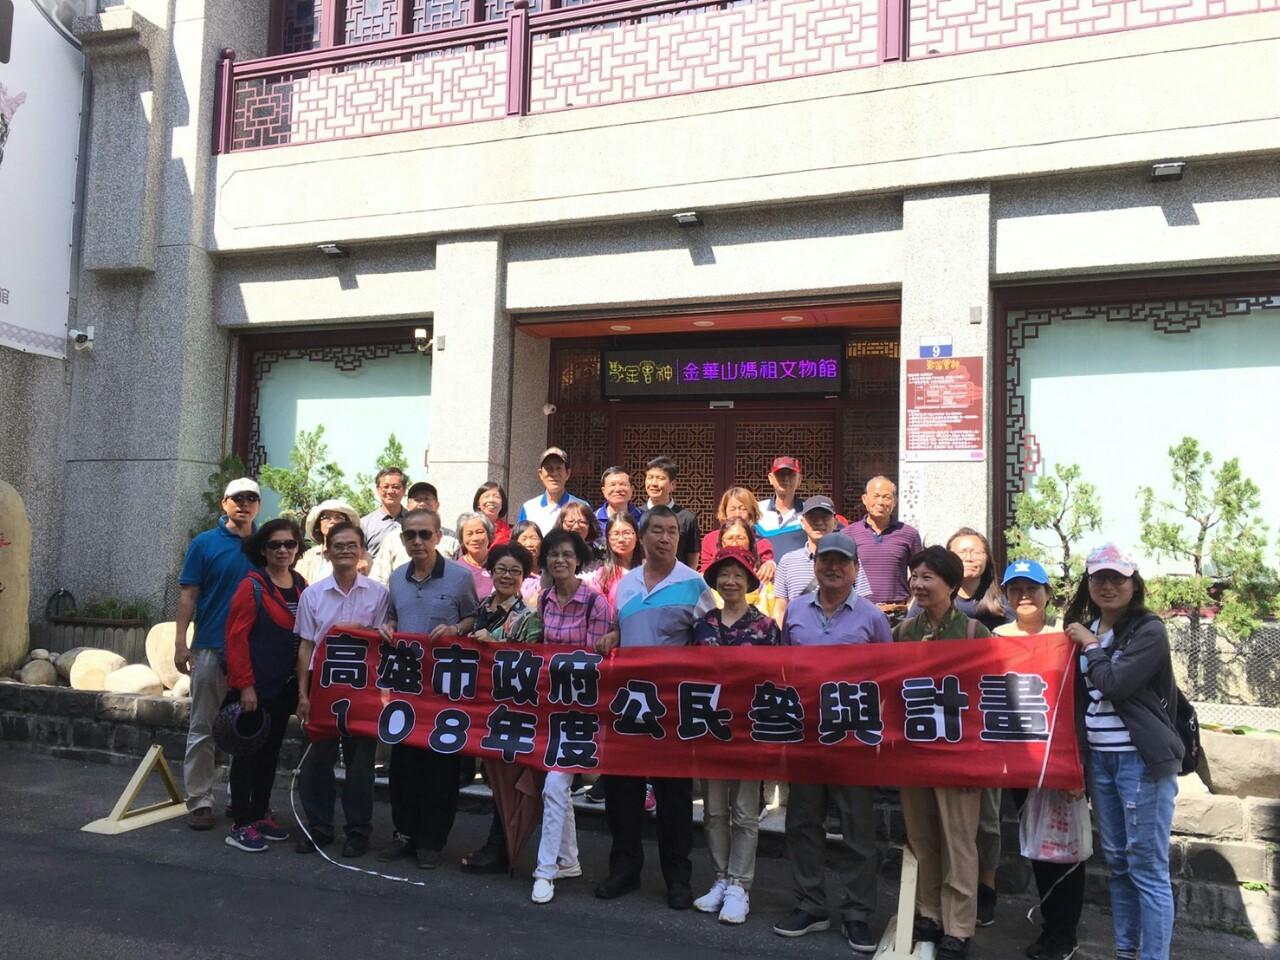 108年度公民參與-古鎮新遊暨地方創生公民參與前導計畫